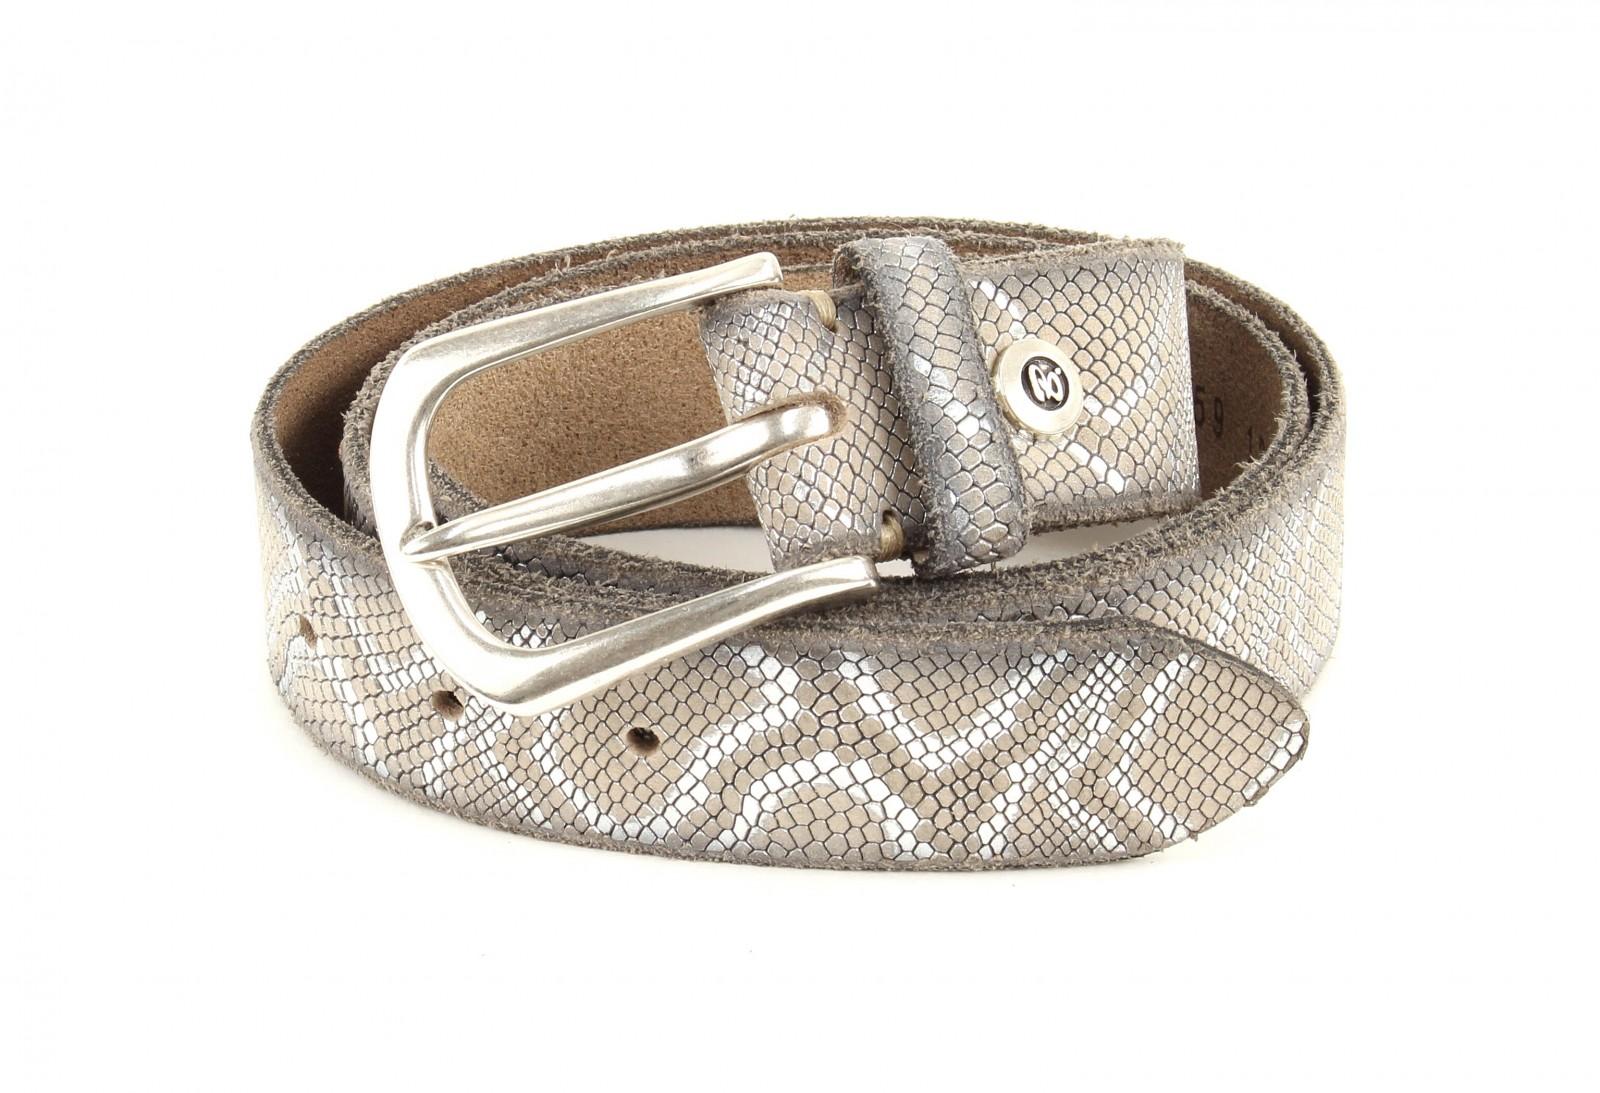 b.belt Ledergürtel Animal W100 Vanille+Silbermetallic